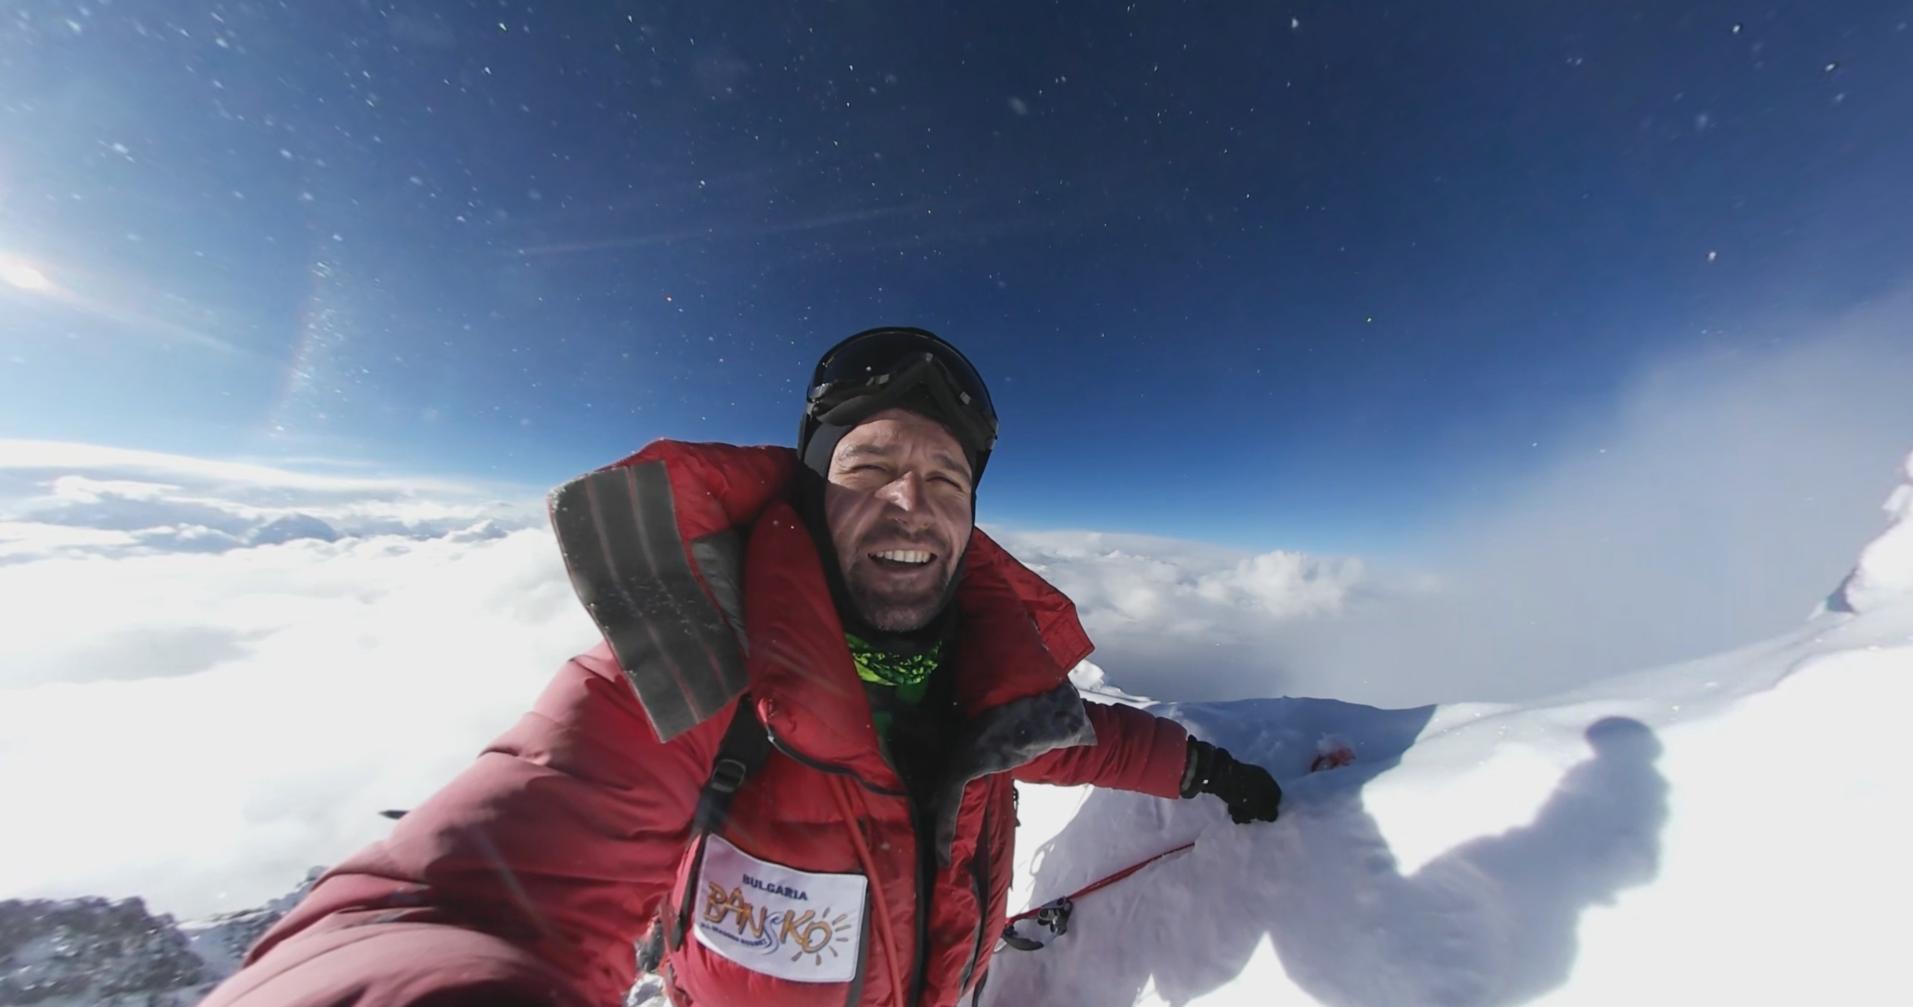 Атанас Скаотов, веган алпинист